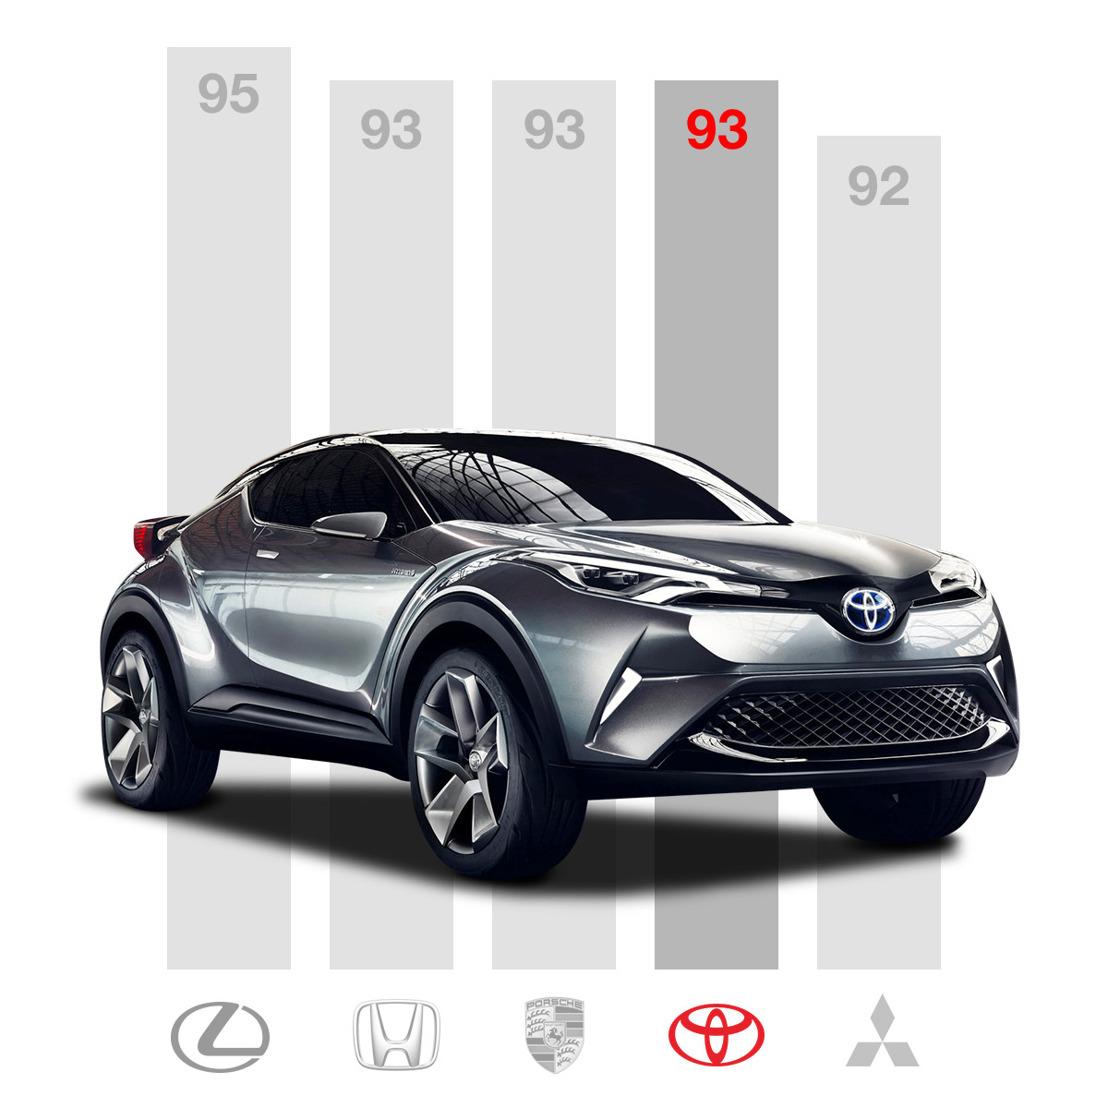 Toyota et Lexus en tête du Top 3 des marques les plus fiables